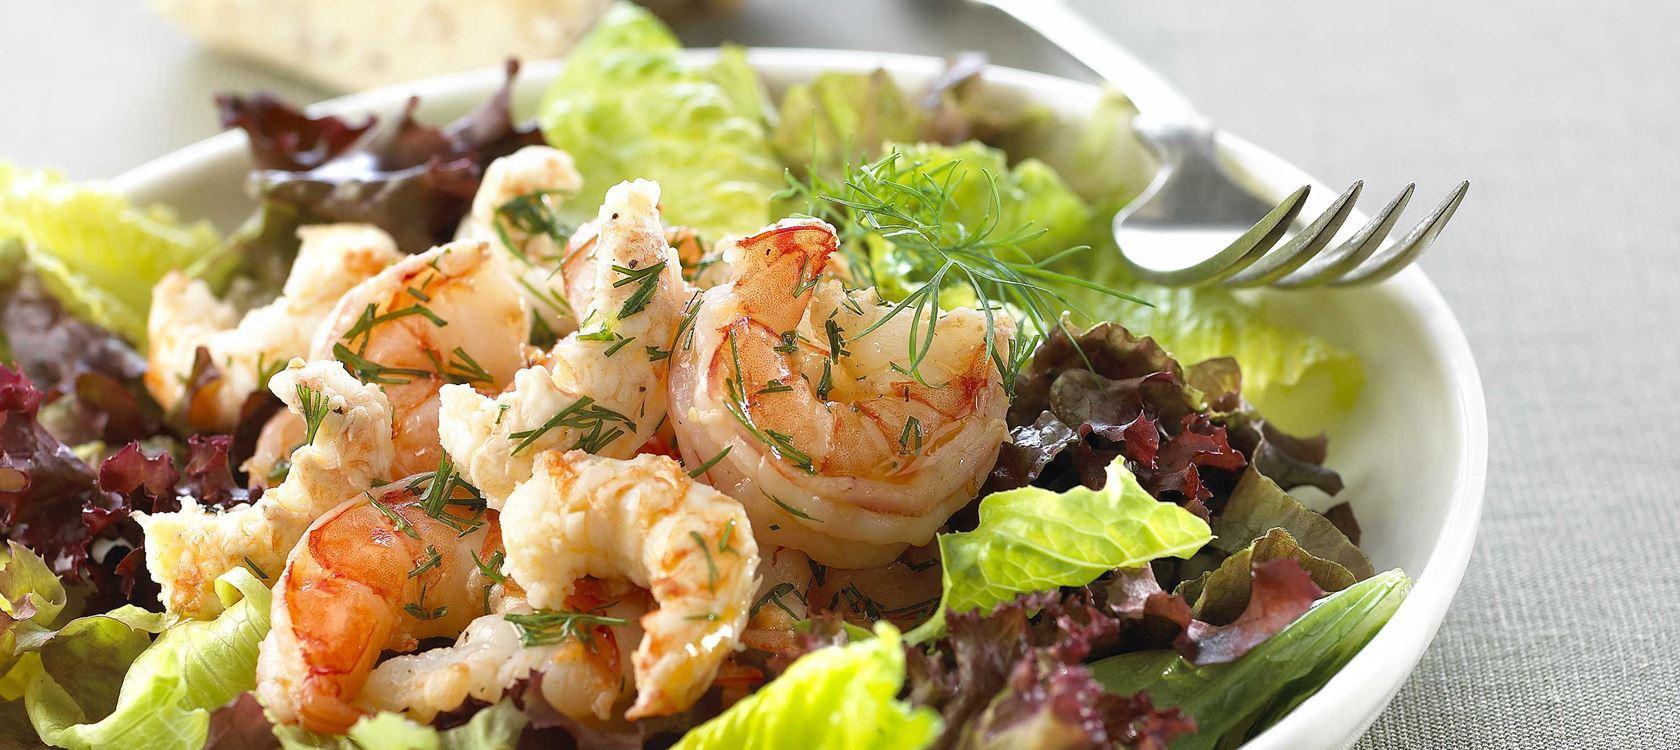 Ζεστή σαλάτα με θαλασσινά